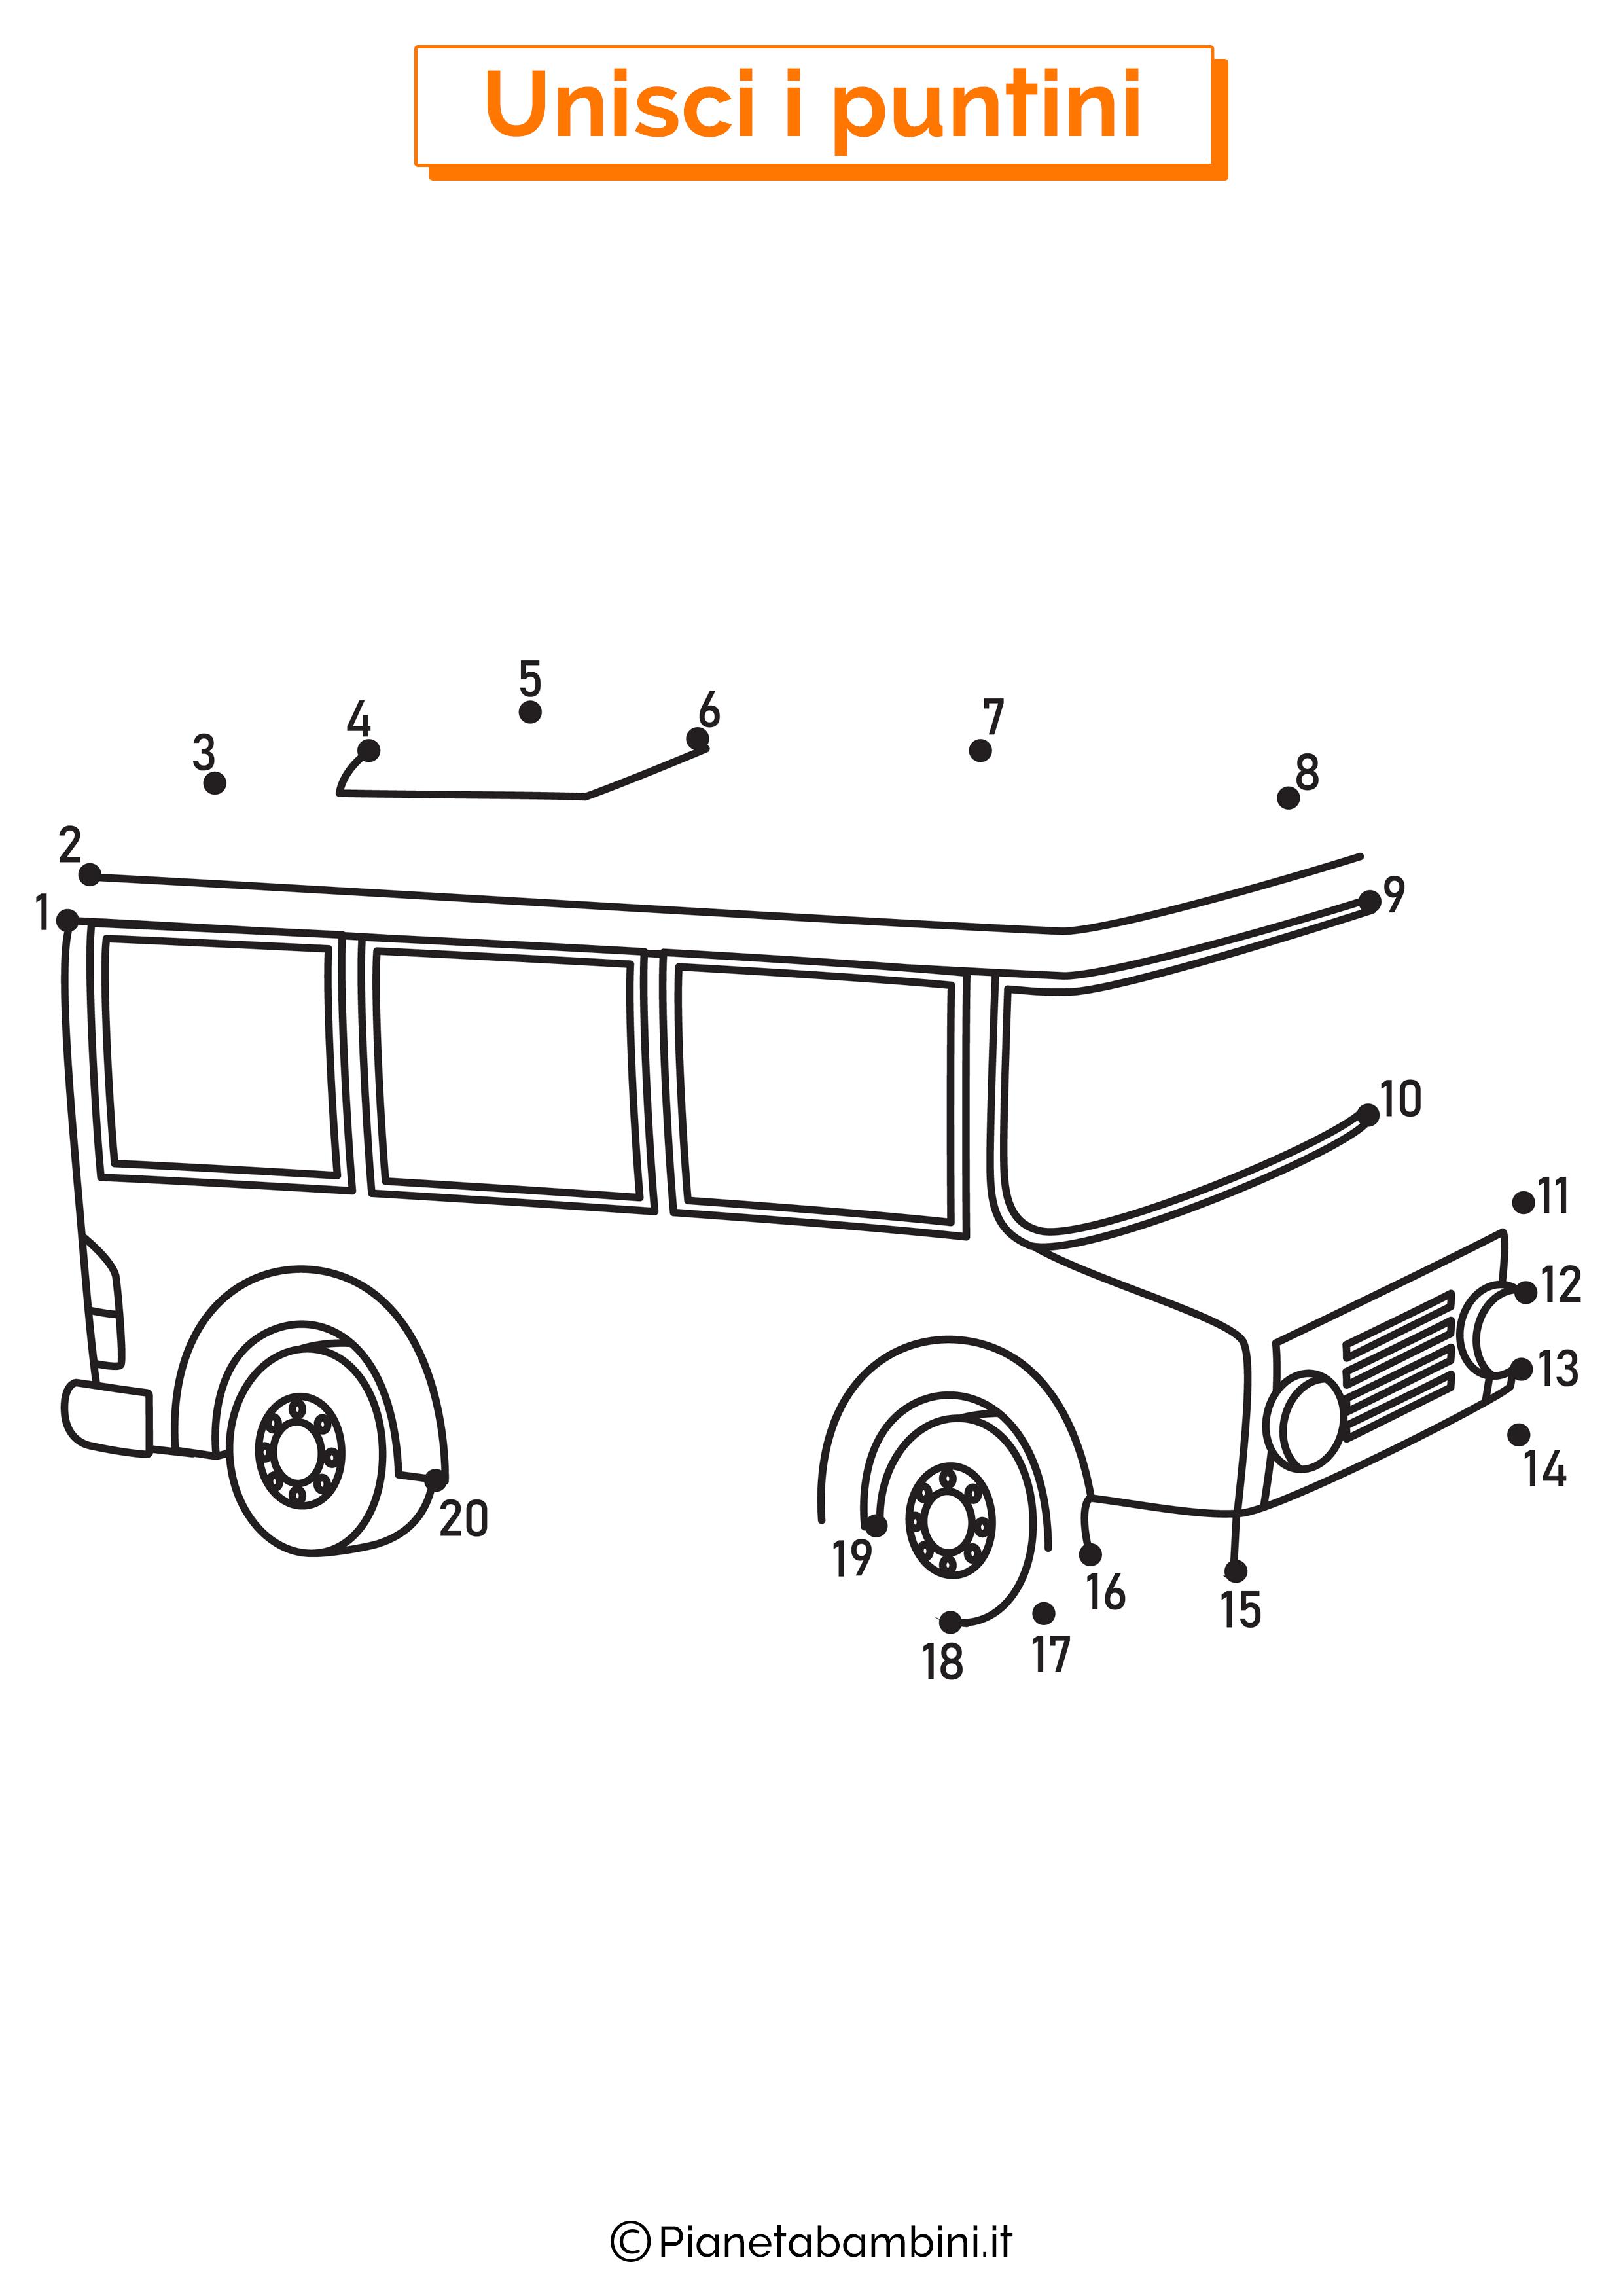 Disegno unisci i puntini scuolabus